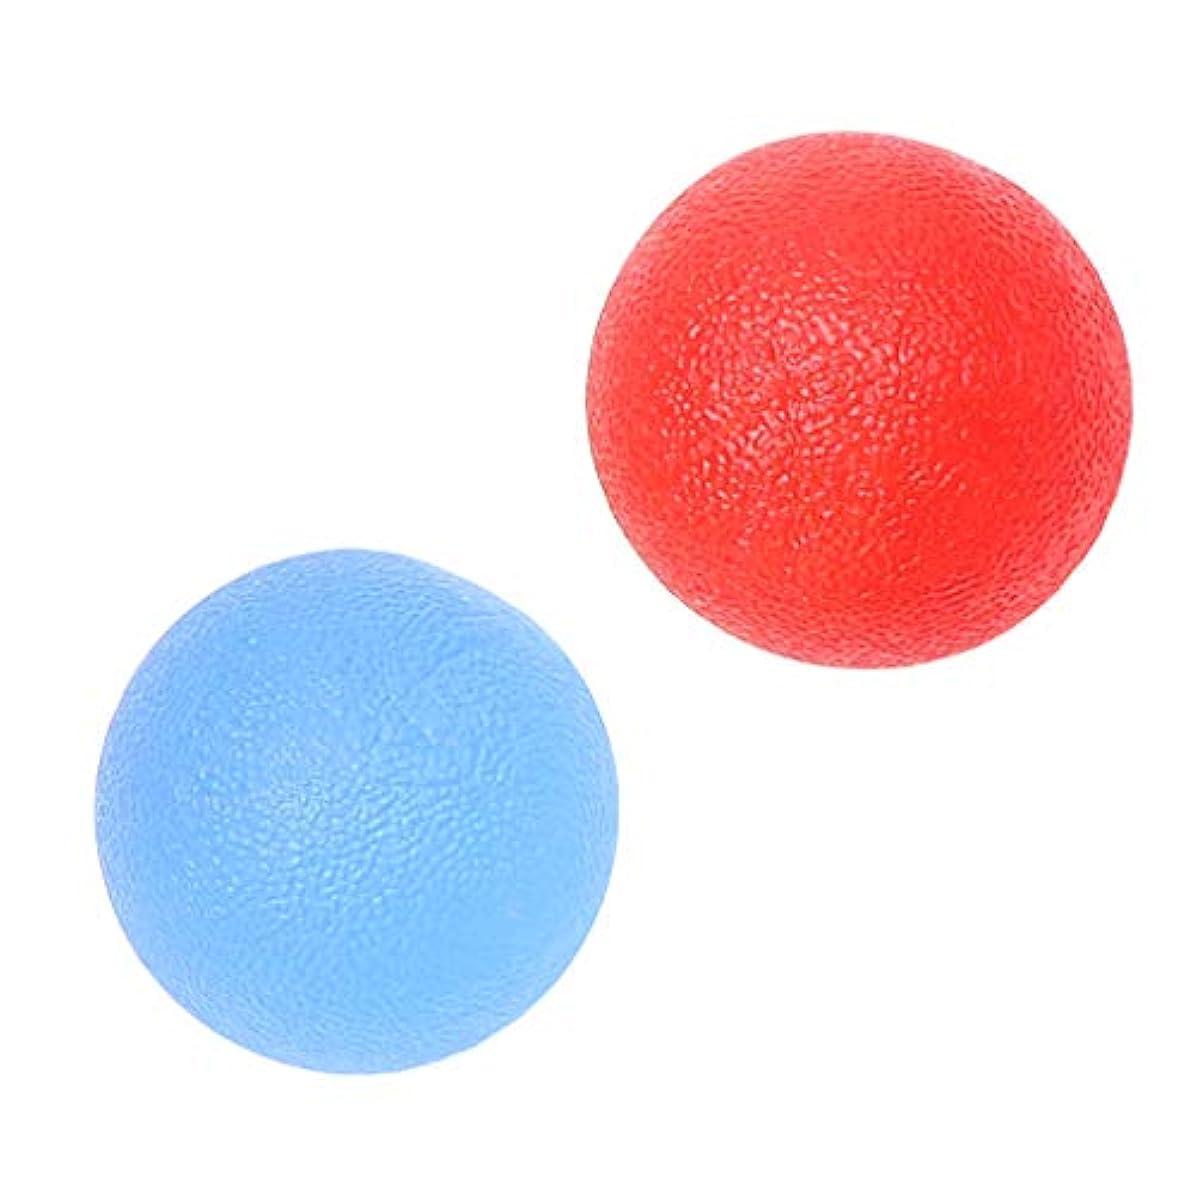 やさしい裏切りナインへCUTICATE 2個 ハンドエクササイズボール ハンドグリップ シリコン 指トレーニング ストレス緩和 減圧 赤/青